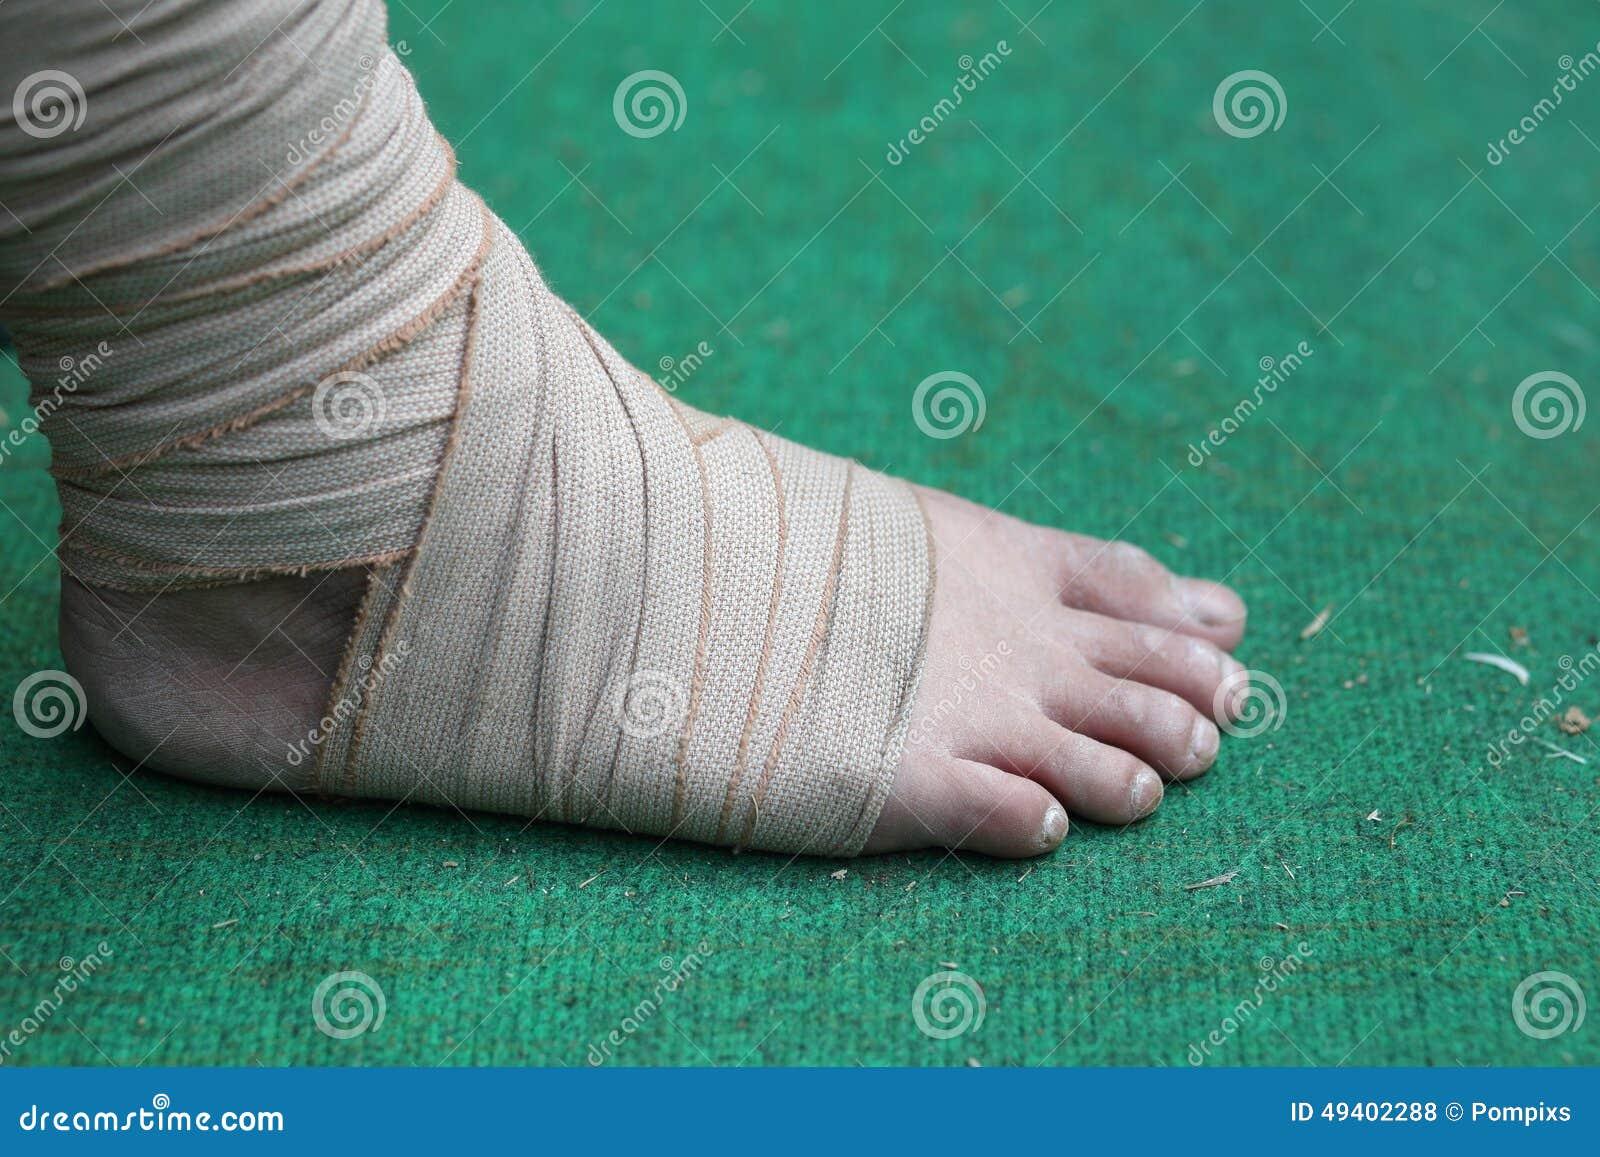 Download Fuß Und Knöchel Verletzt Mit Verband Stockfoto - Bild von verstauchung, nahaufnahme: 49402288